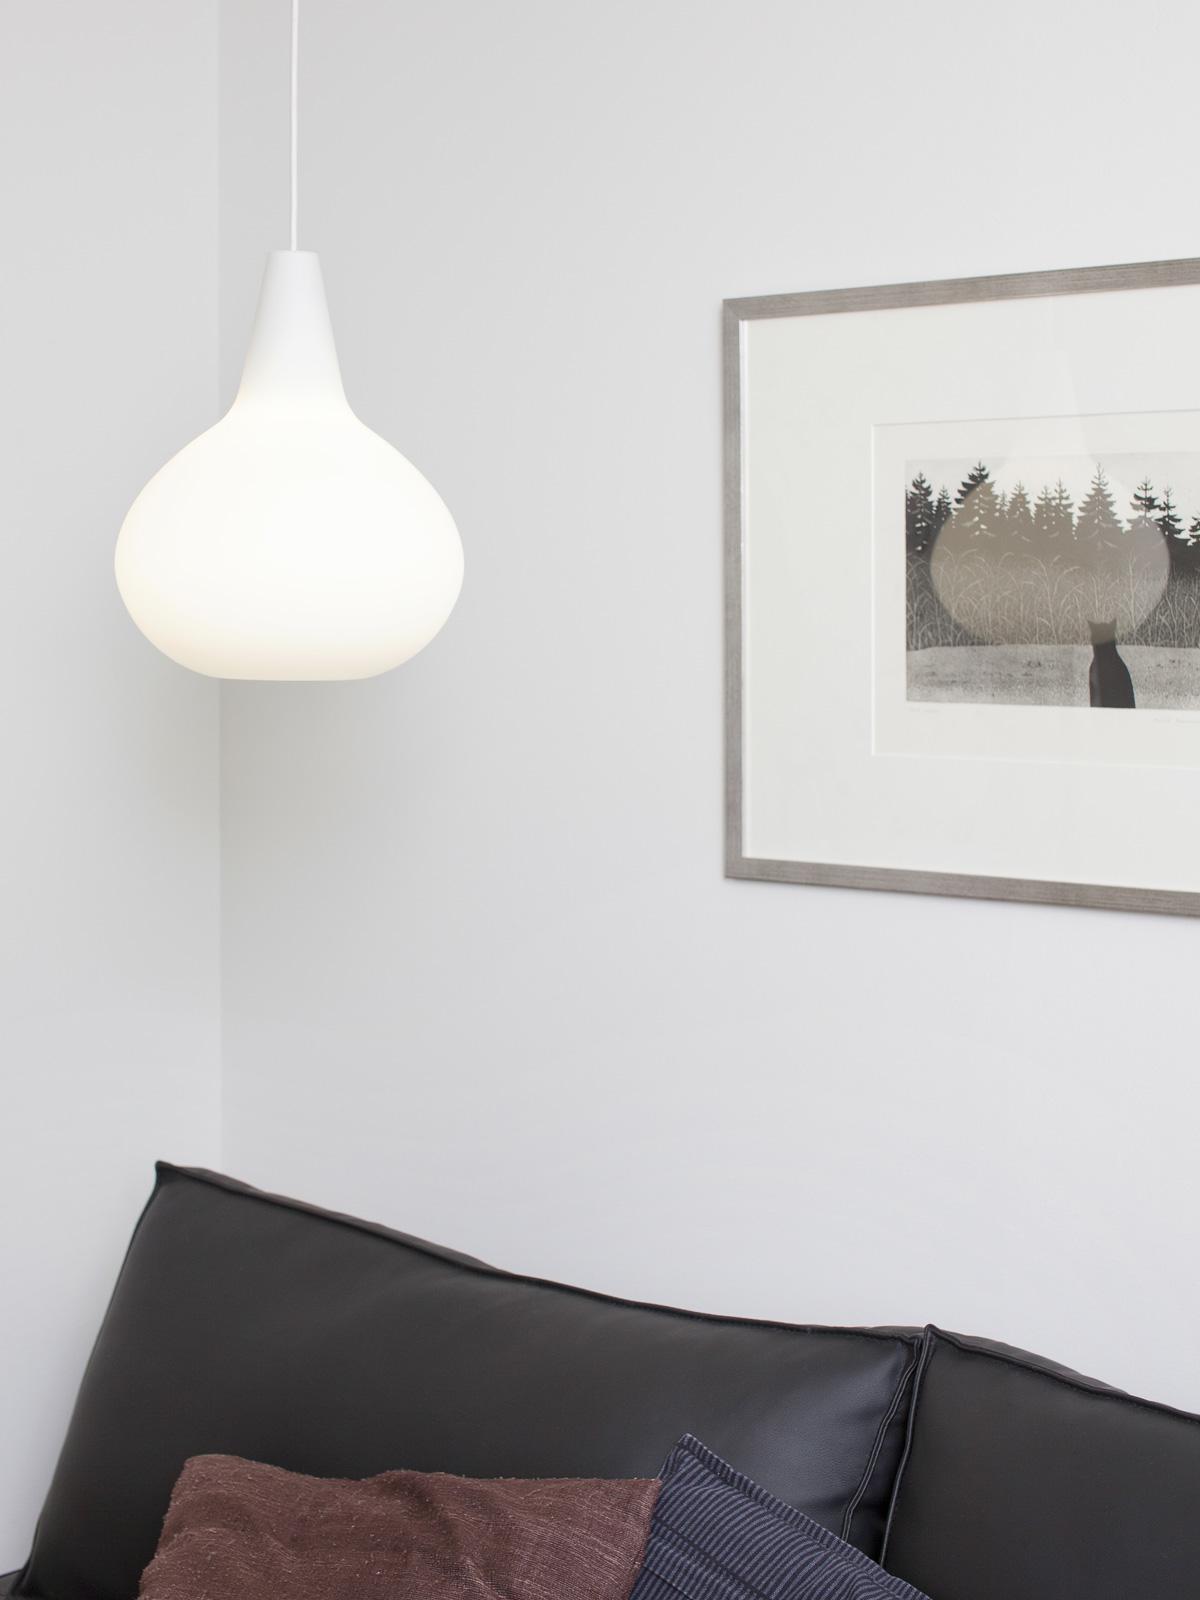 Full Size of Moderne Lampen Designwelt Von Innoludesignortcom Bad Led Modernes Sofa Bilder Fürs Wohnzimmer Designer Esstisch Stehlampen Landhausküche Bett 180x200 Wohnzimmer Moderne Lampen